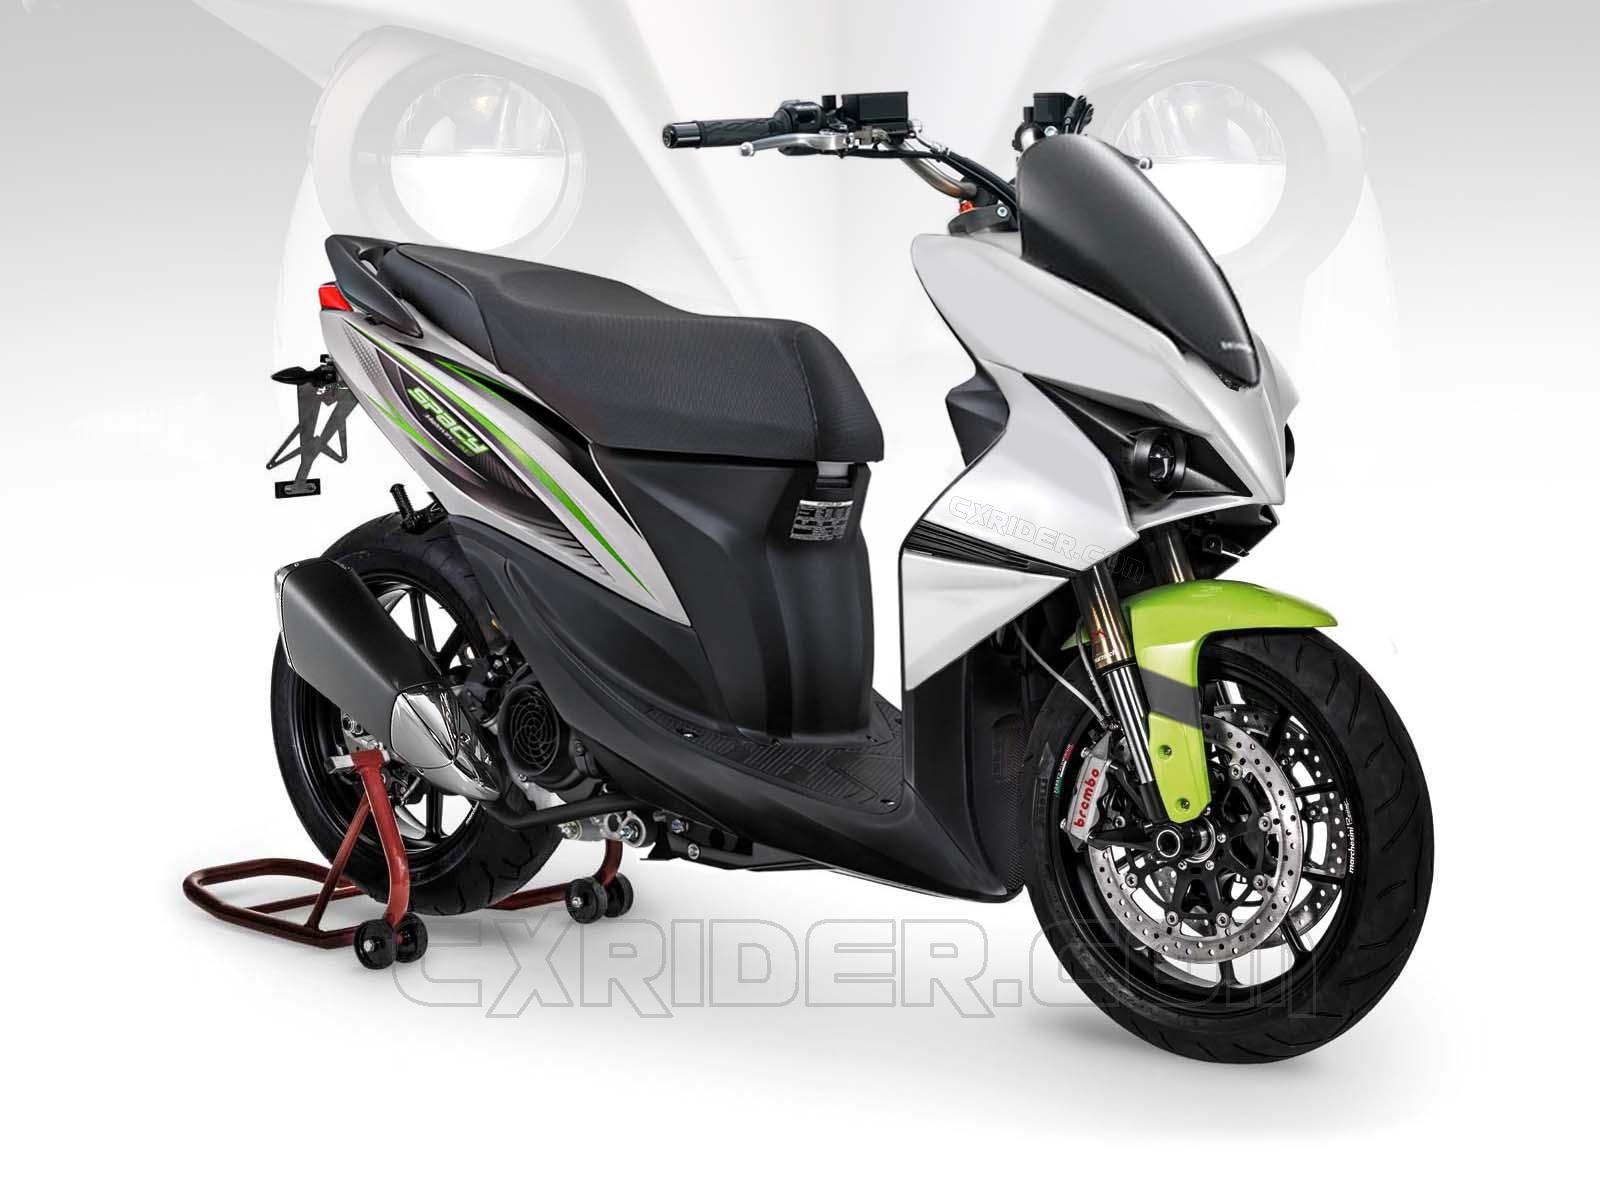 Cara Modif Motor Honda Spacy Terkeren